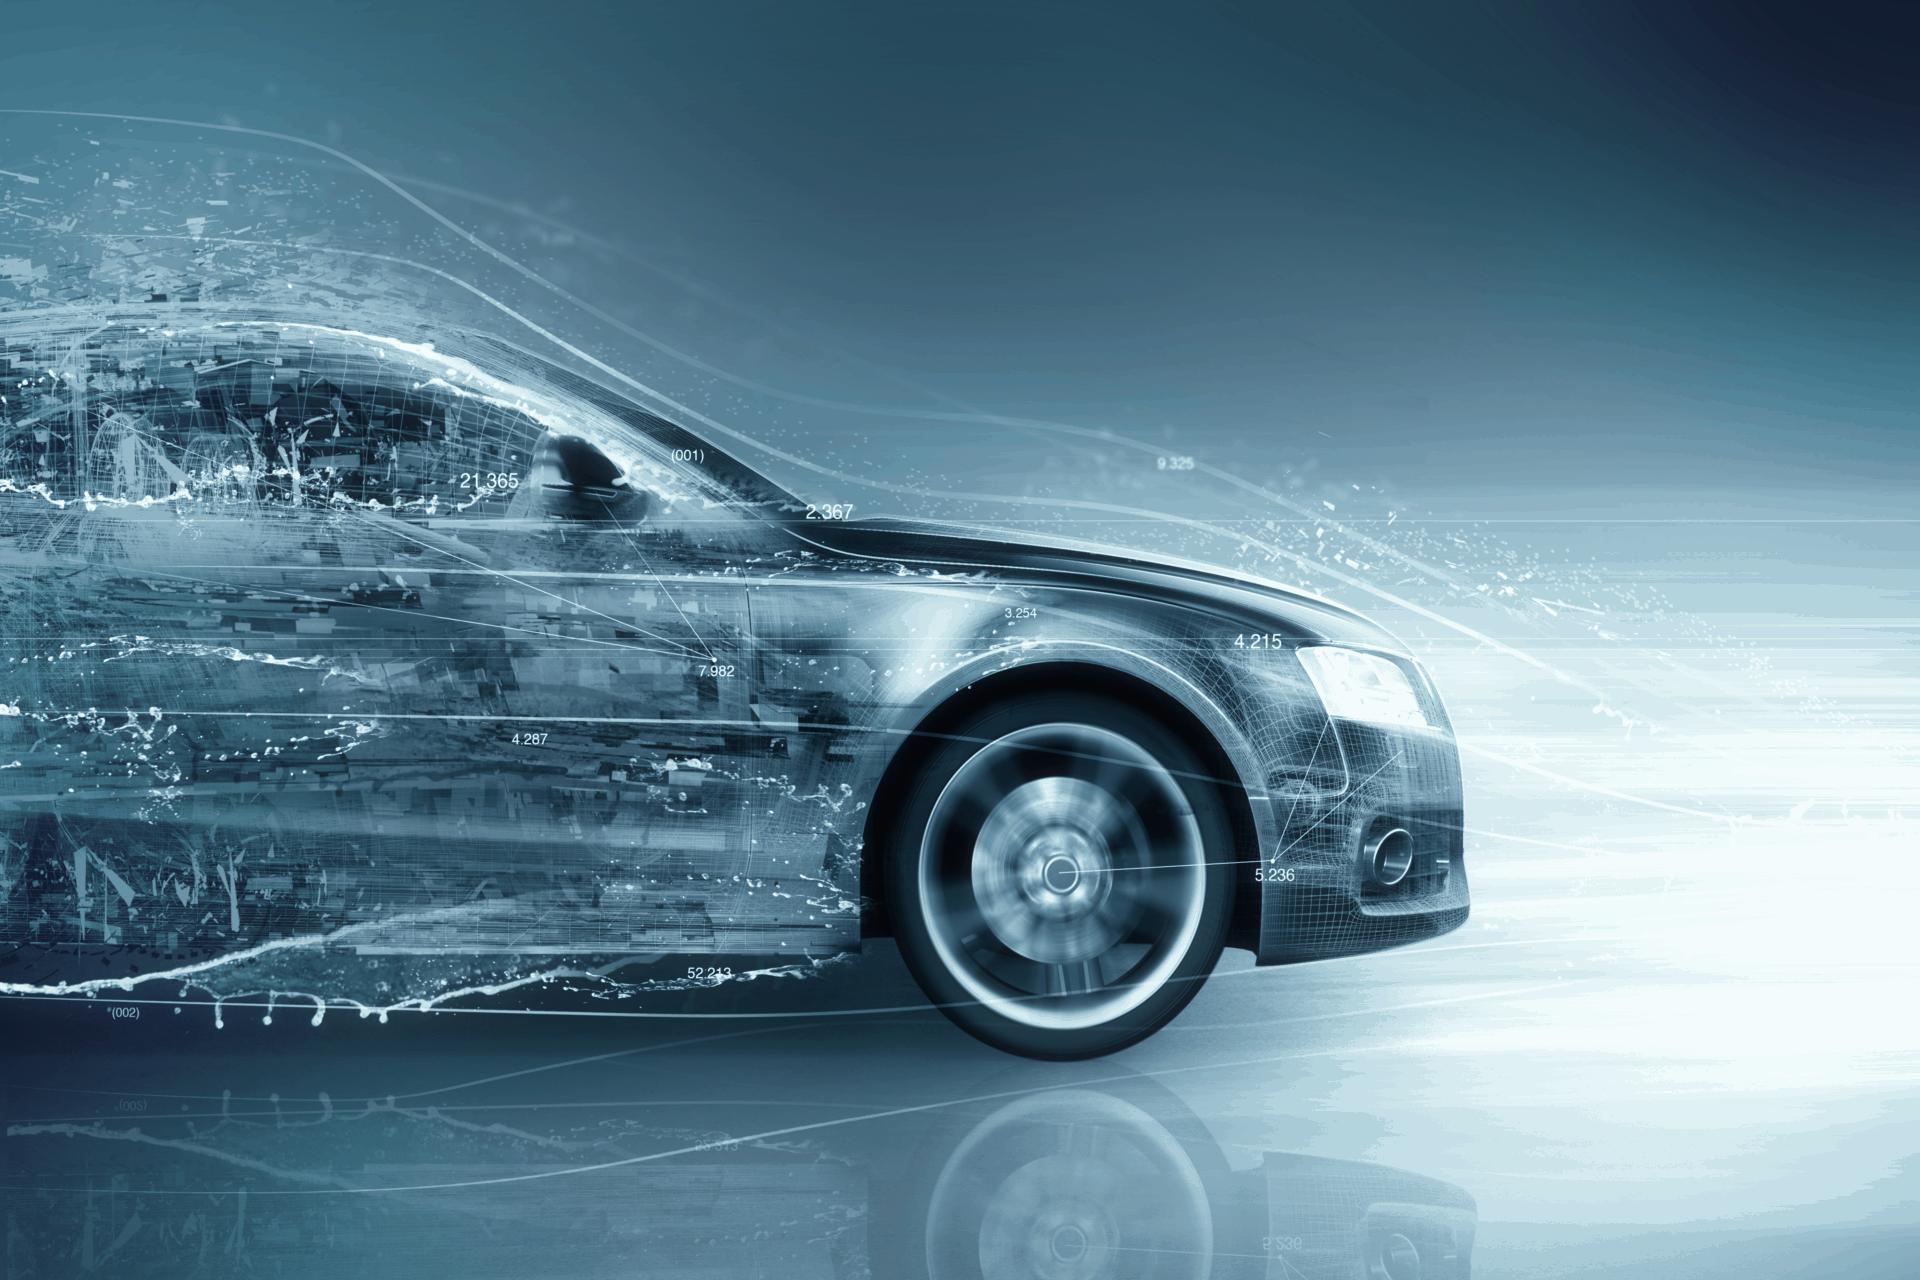 Nya En guide för hur man rengör bilklädsel - WD-40 CK-49